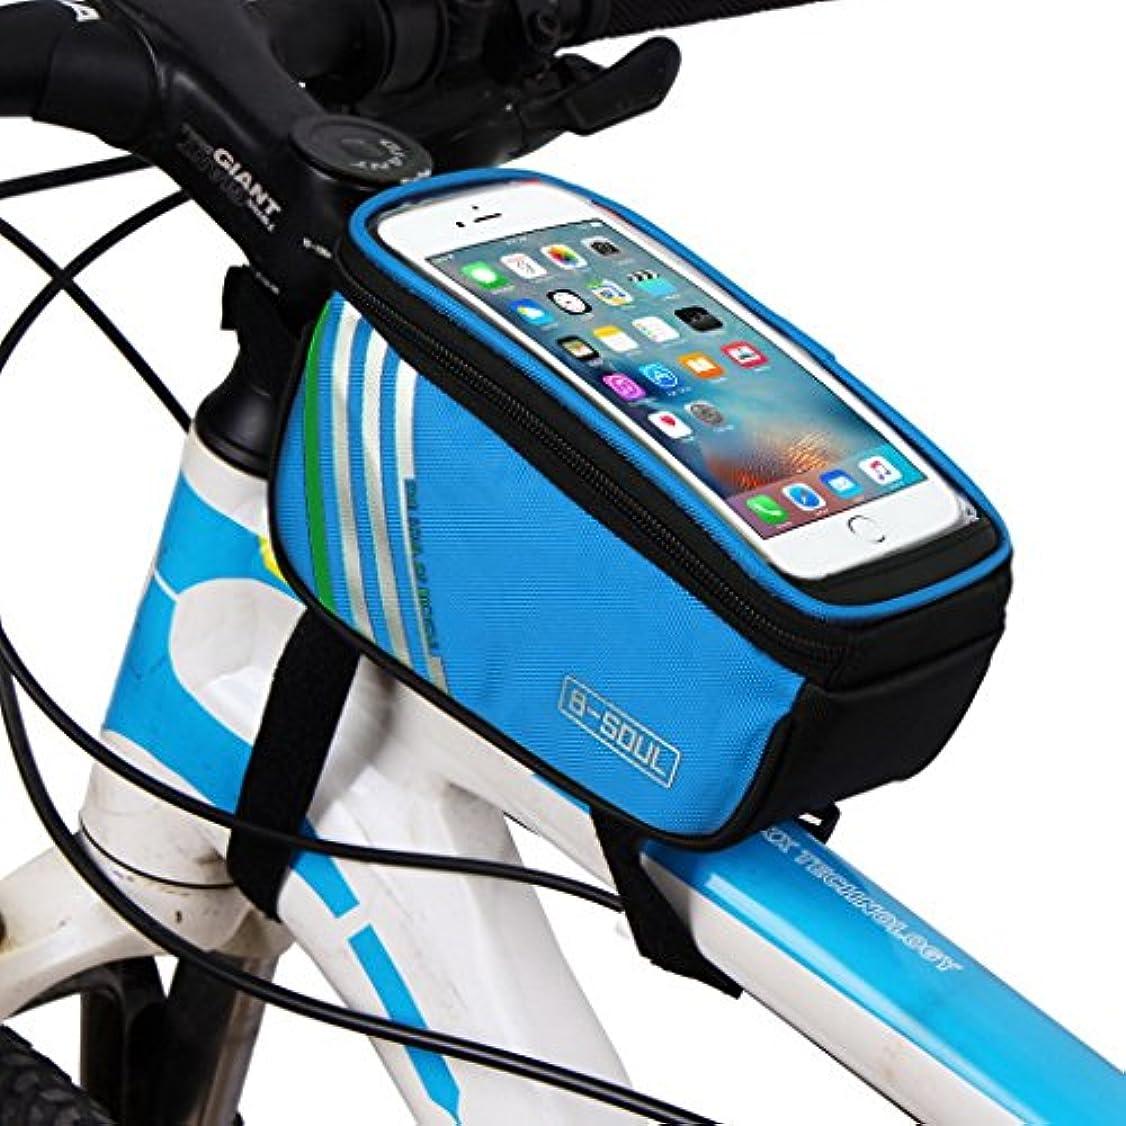 教室トラブルなんでもAOOPOO バイクバック スマホスタンド 防水 防震 地図を簡単に読む 大容量携帯バッグ 5.7インチ 4.8インチ以下に適用 便利 大容量 バイク携帯ボルター 収納アクセサリー